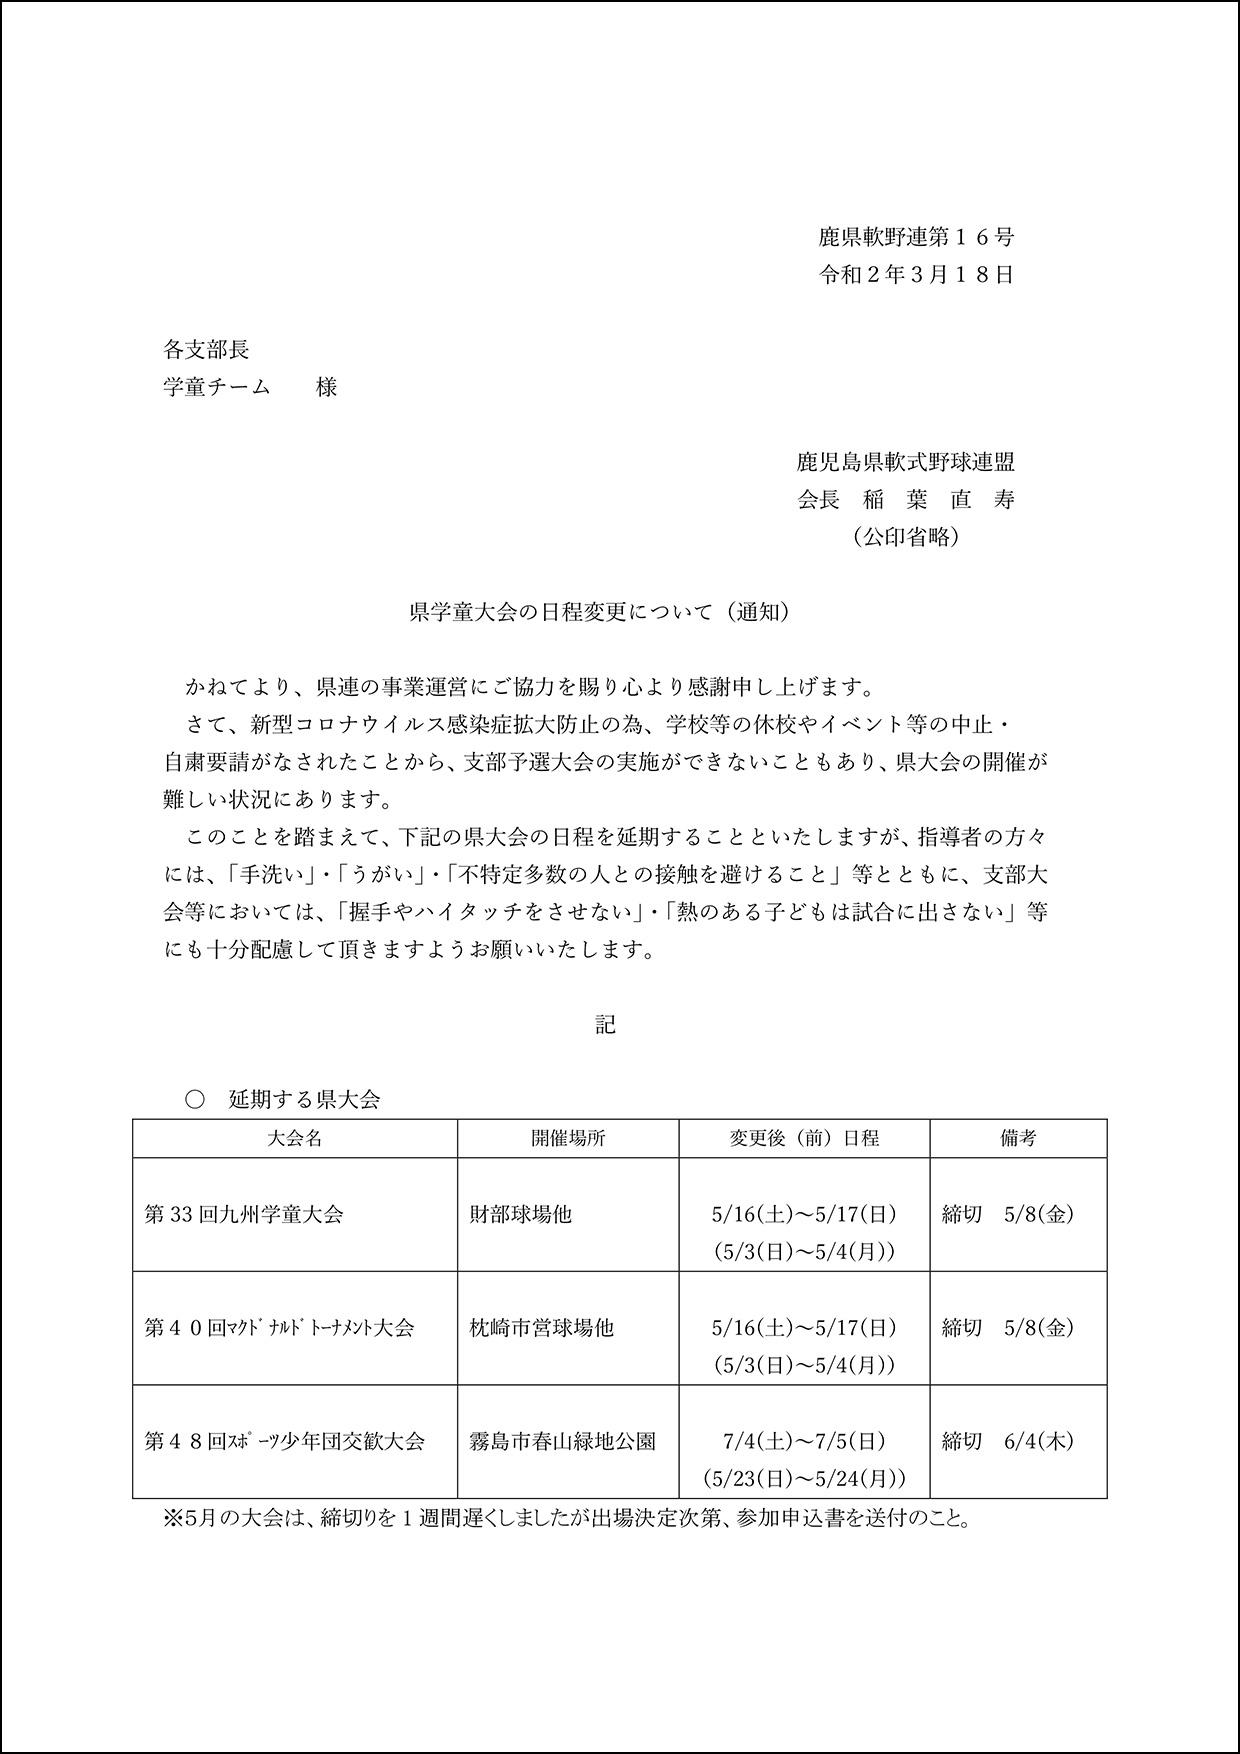 【通知】県学童大会の日程変更について